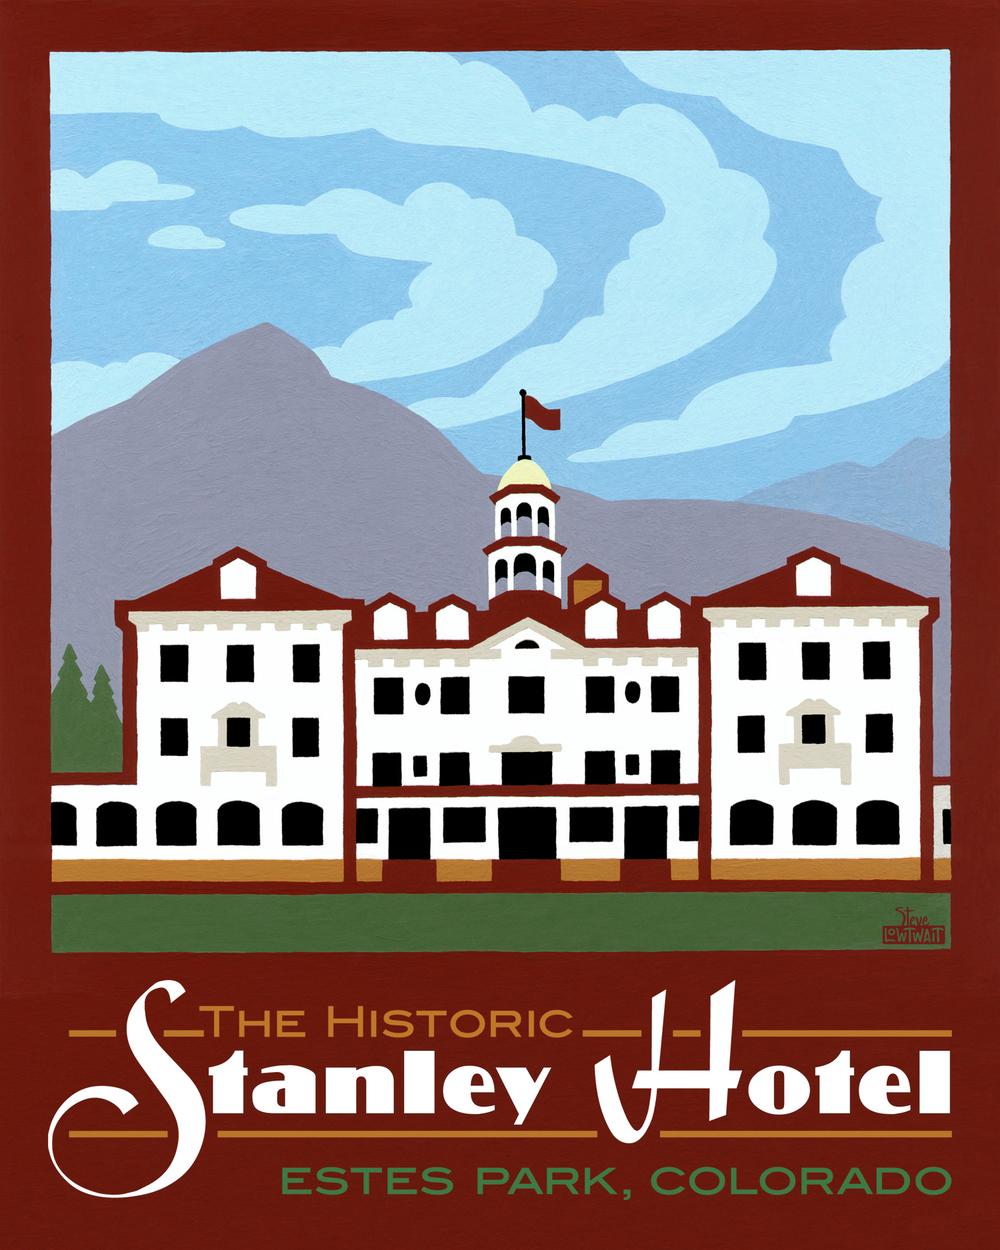 Stanley Hotel - Estes Park, Colorado• Buy